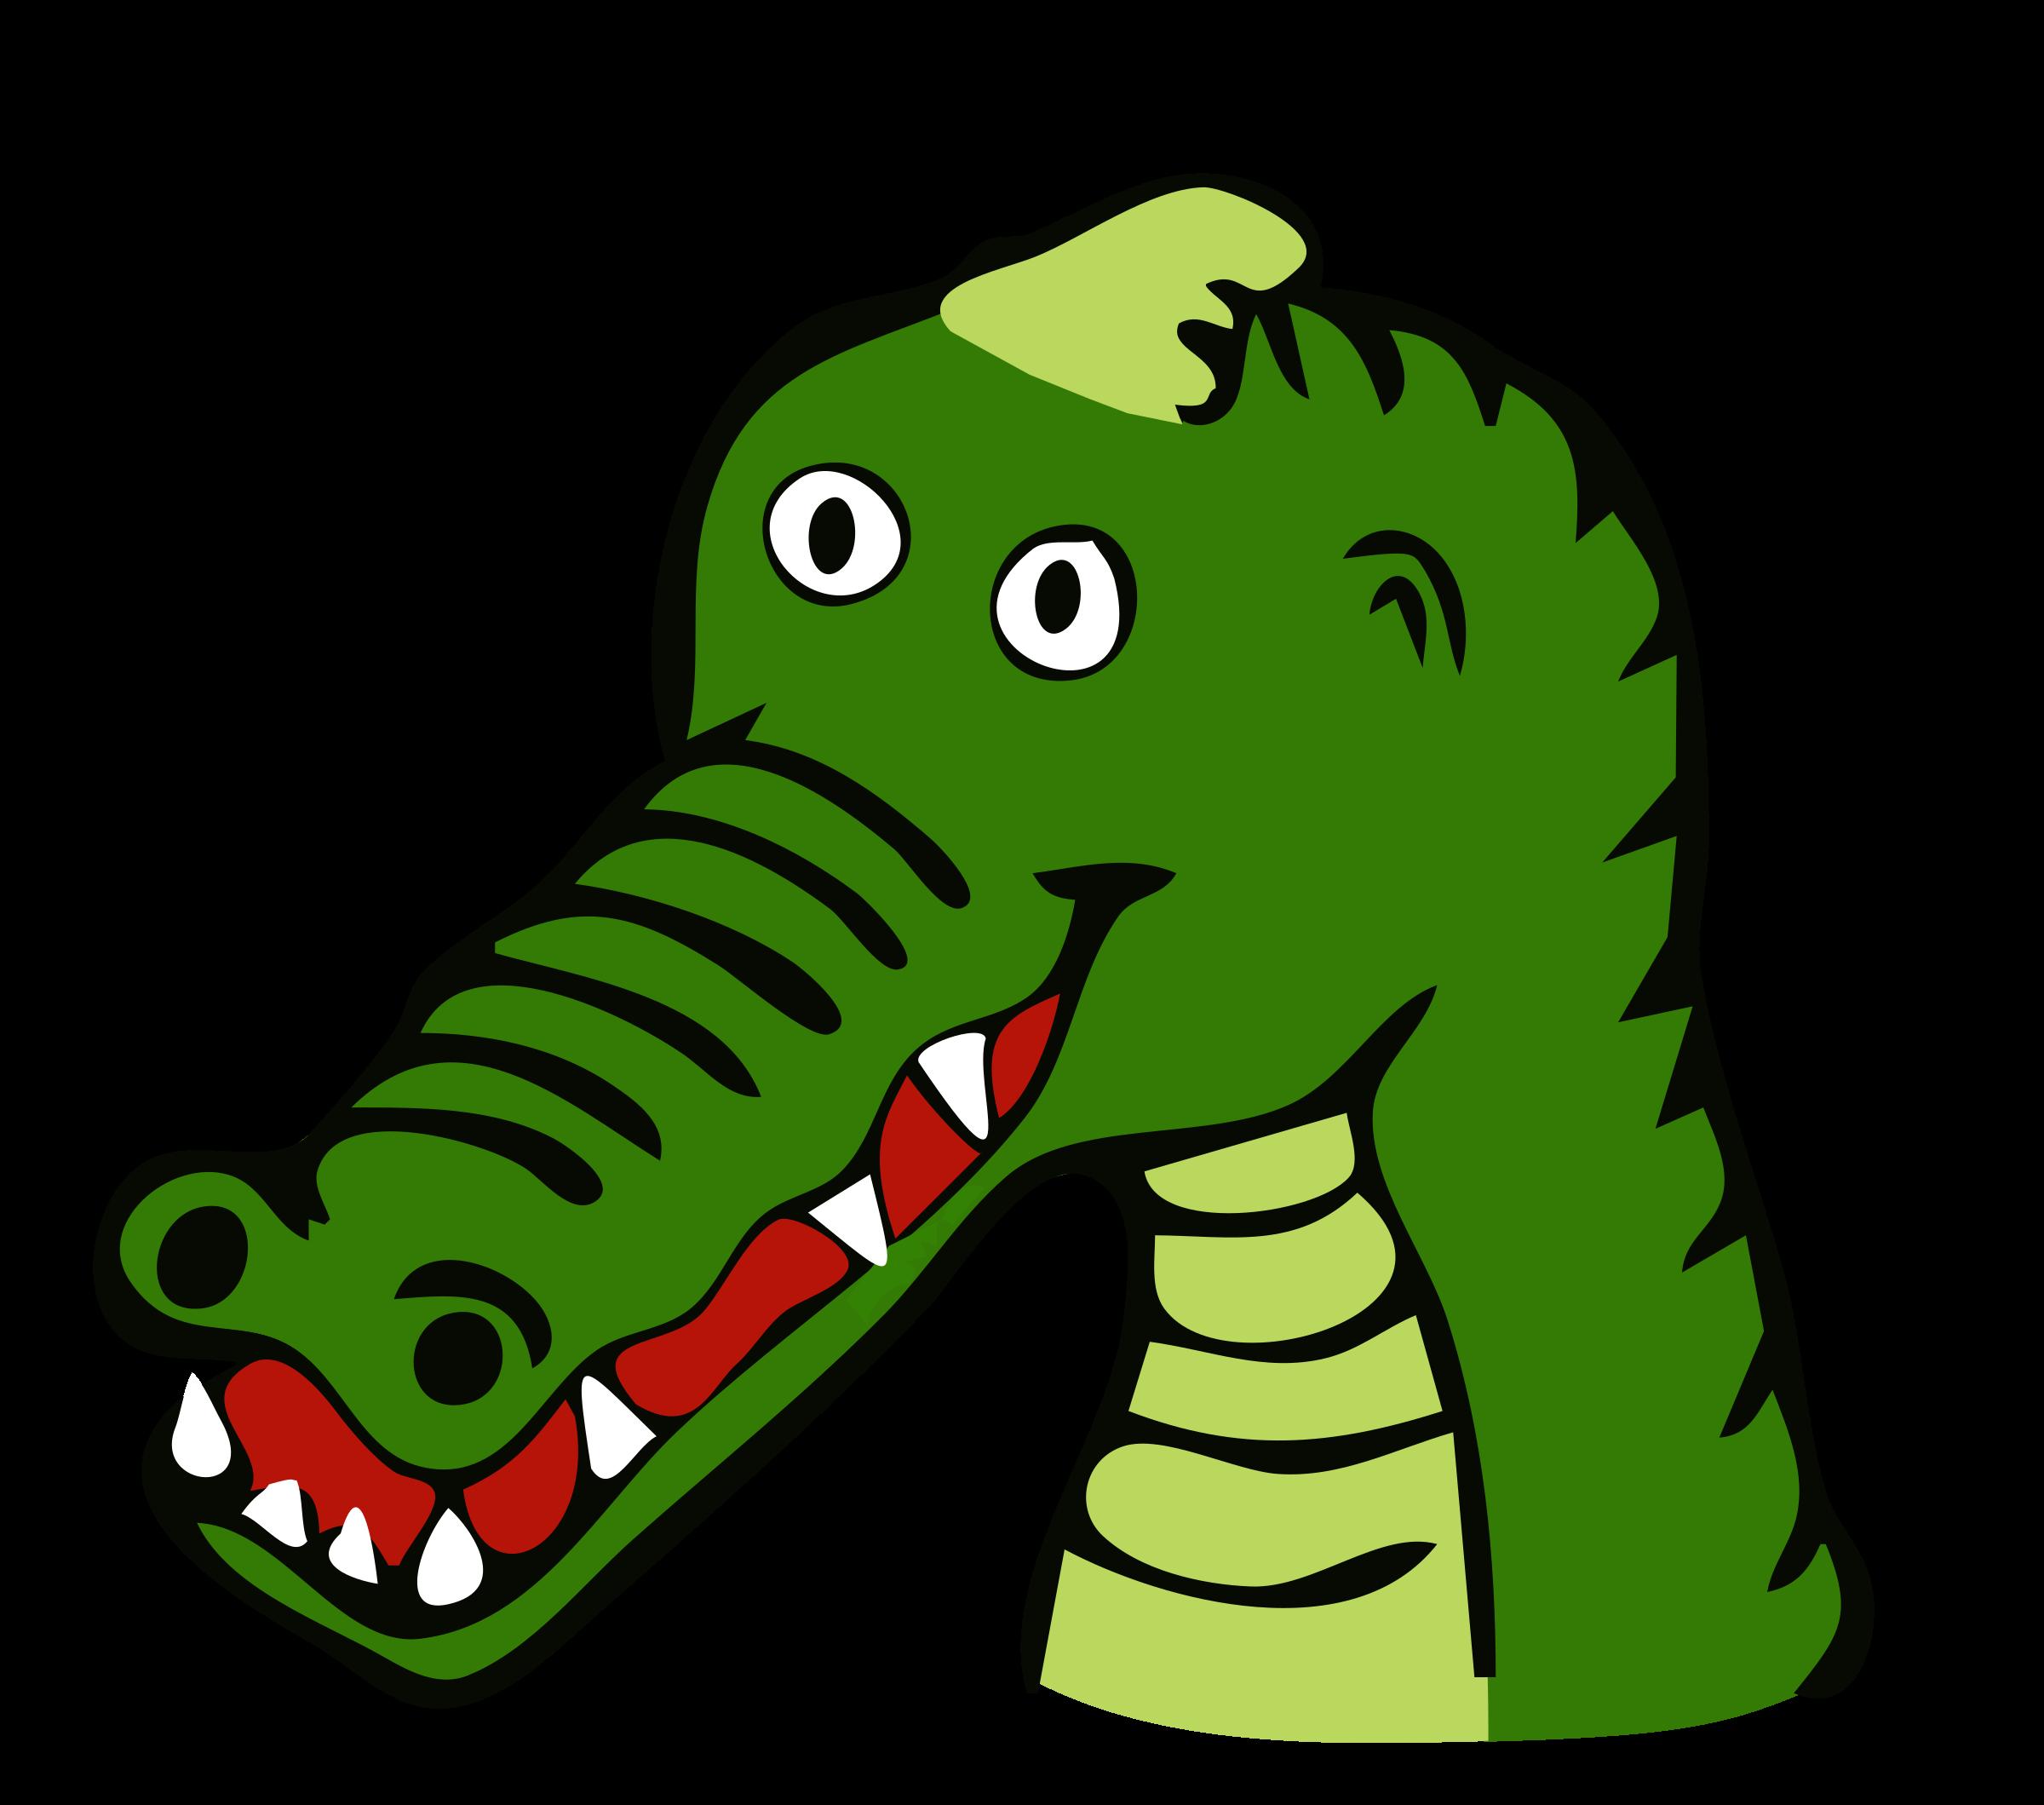 Drawn crocodile Crocodile drawn crocodile Clipart drawn